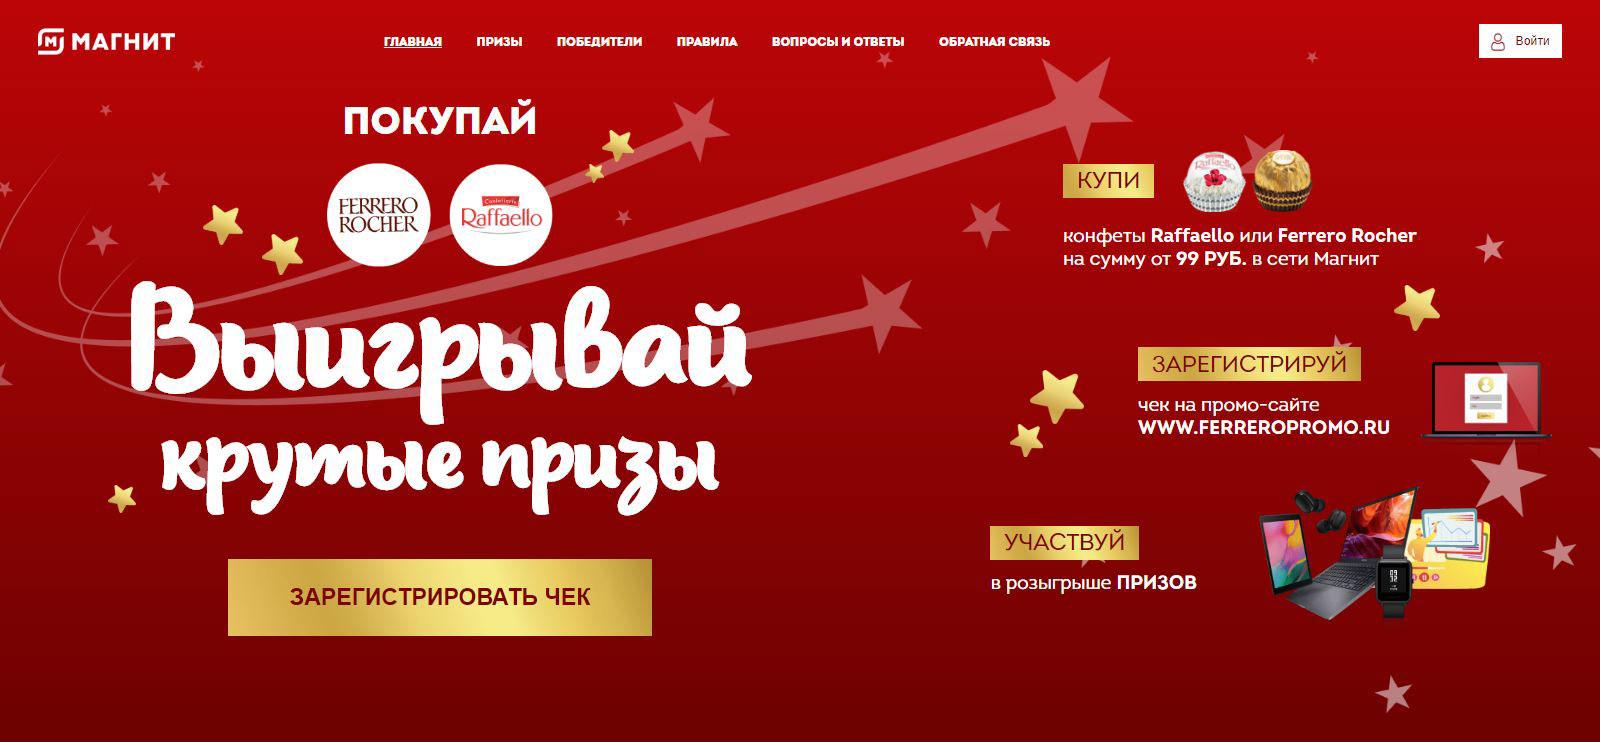 Акция «Розыгрыш призов с Ferrero в Магнит»